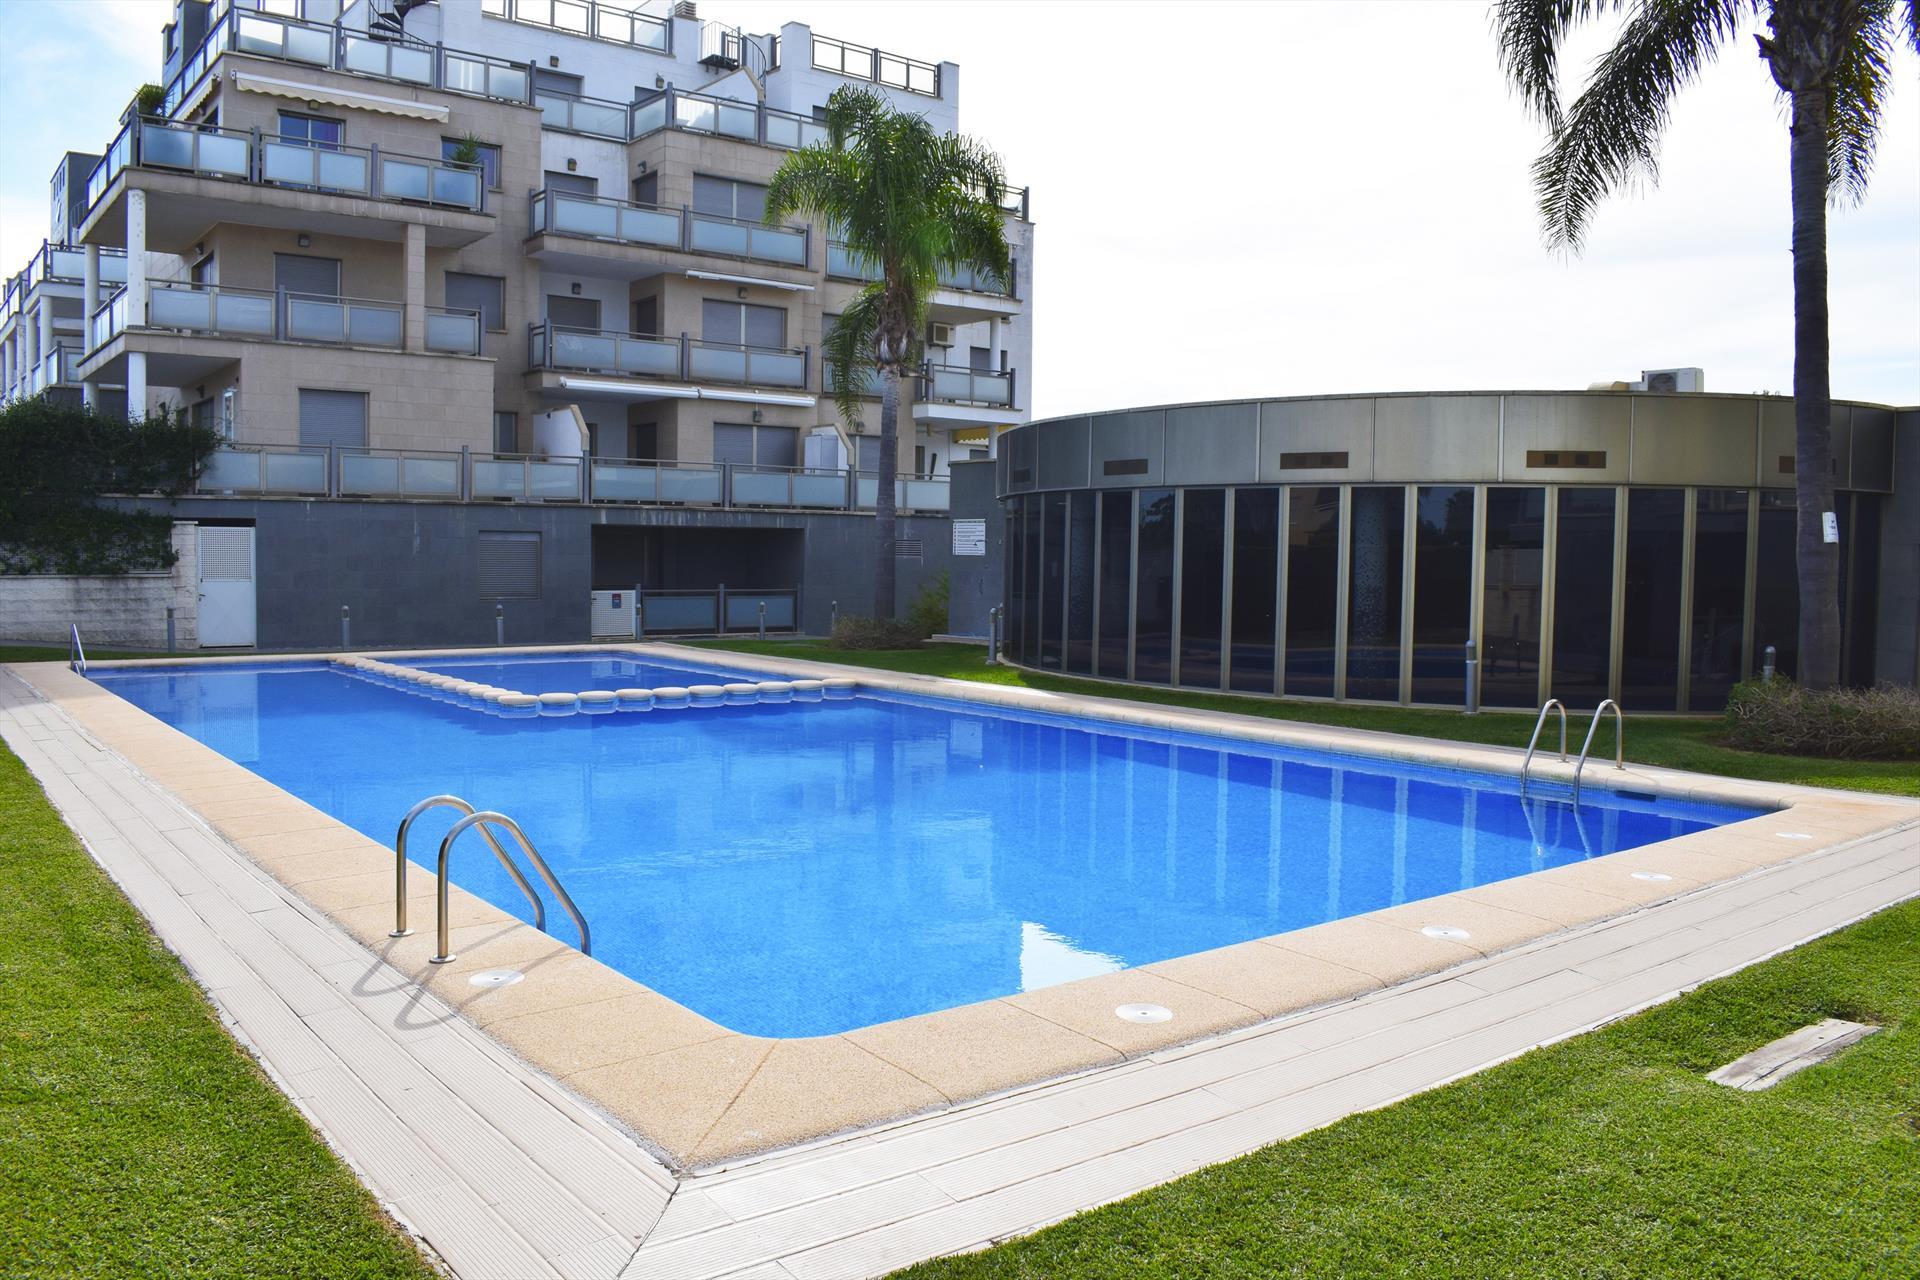 Cabagua Oliva Nova AP570,Apartamento maravilloso y gracioso  con piscina comunitaria en Oliva, en la Costa Blanca, España para 4 personas.....